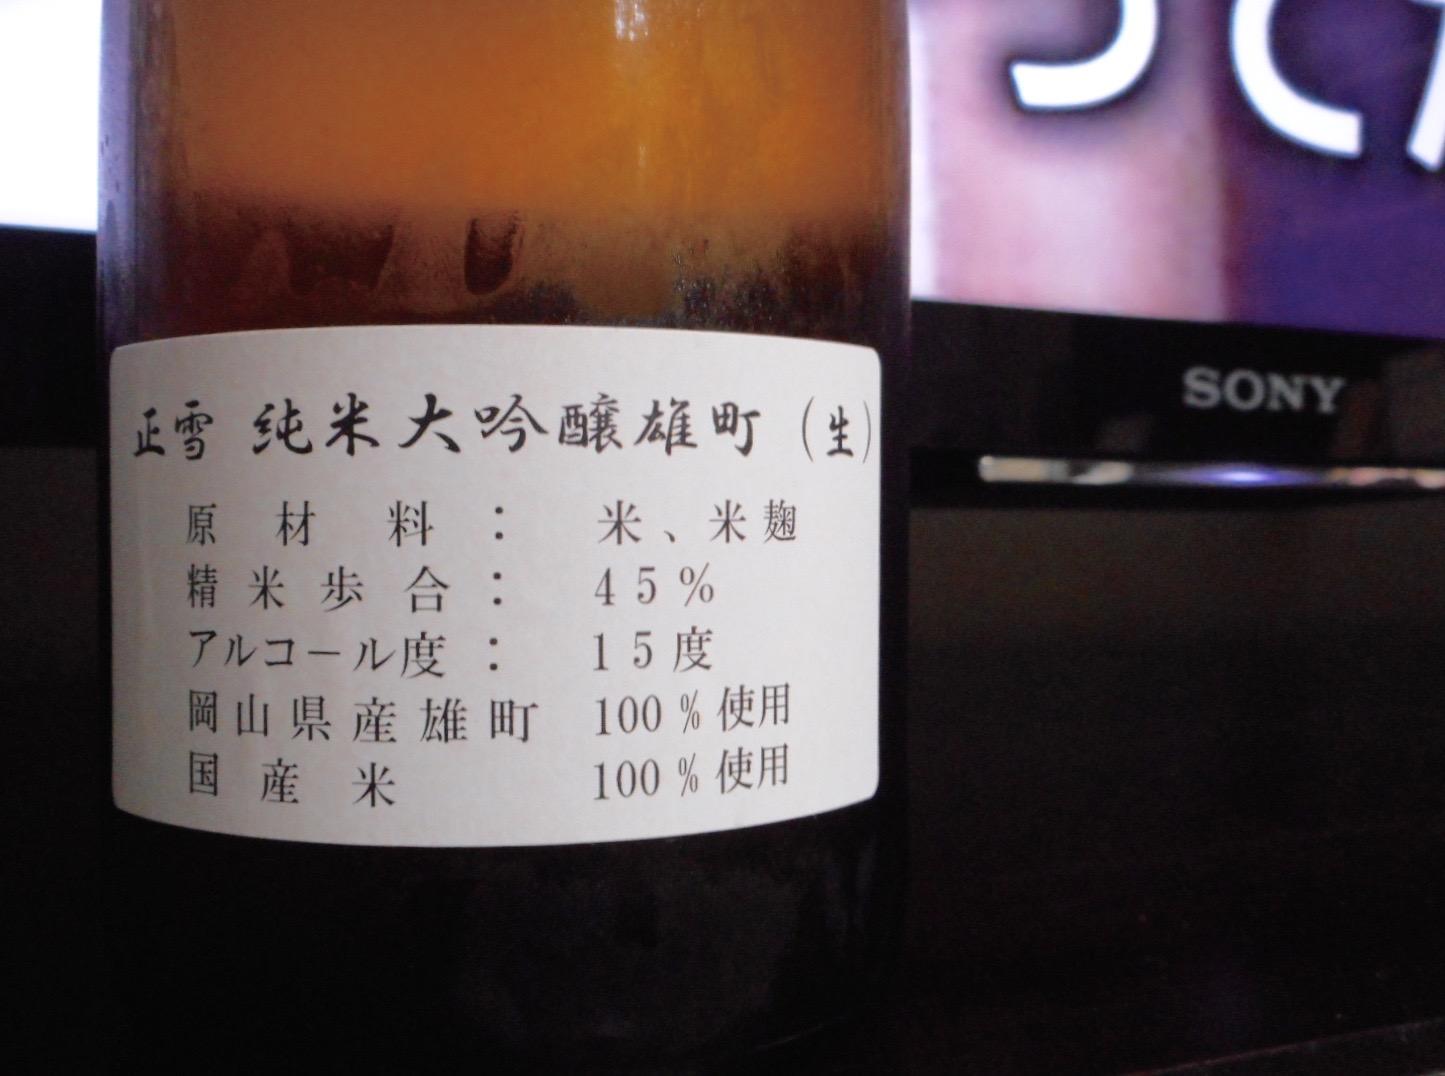 shosetsu_jundai_omachi_nama2.jpg